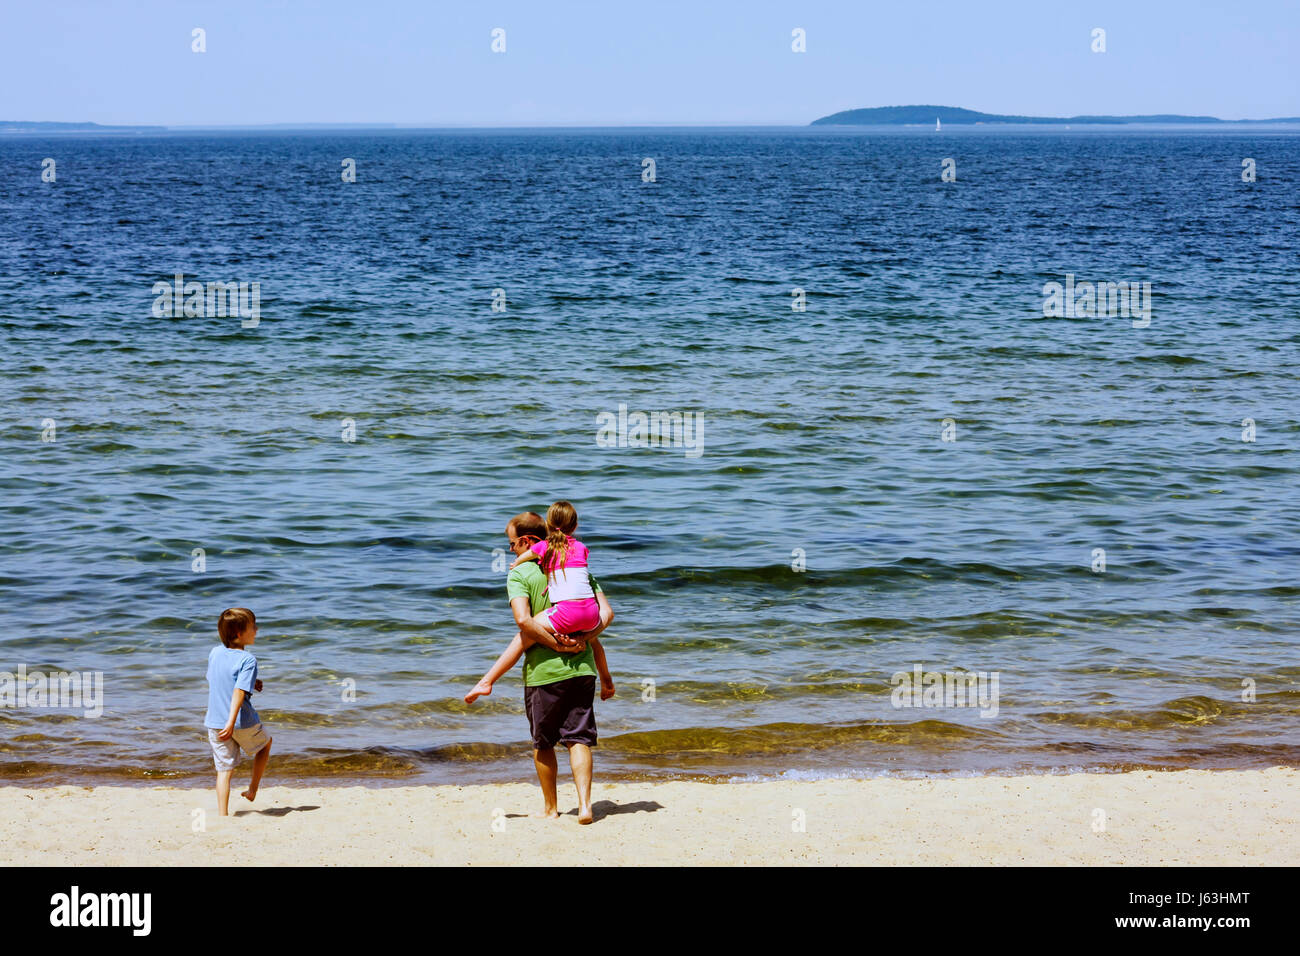 Michigan, MI, mich, Upper Midwest, Traverse City, West Arm Grand Traverse Bay, Clinch Park, Erwachsene Erwachsene Stockfoto